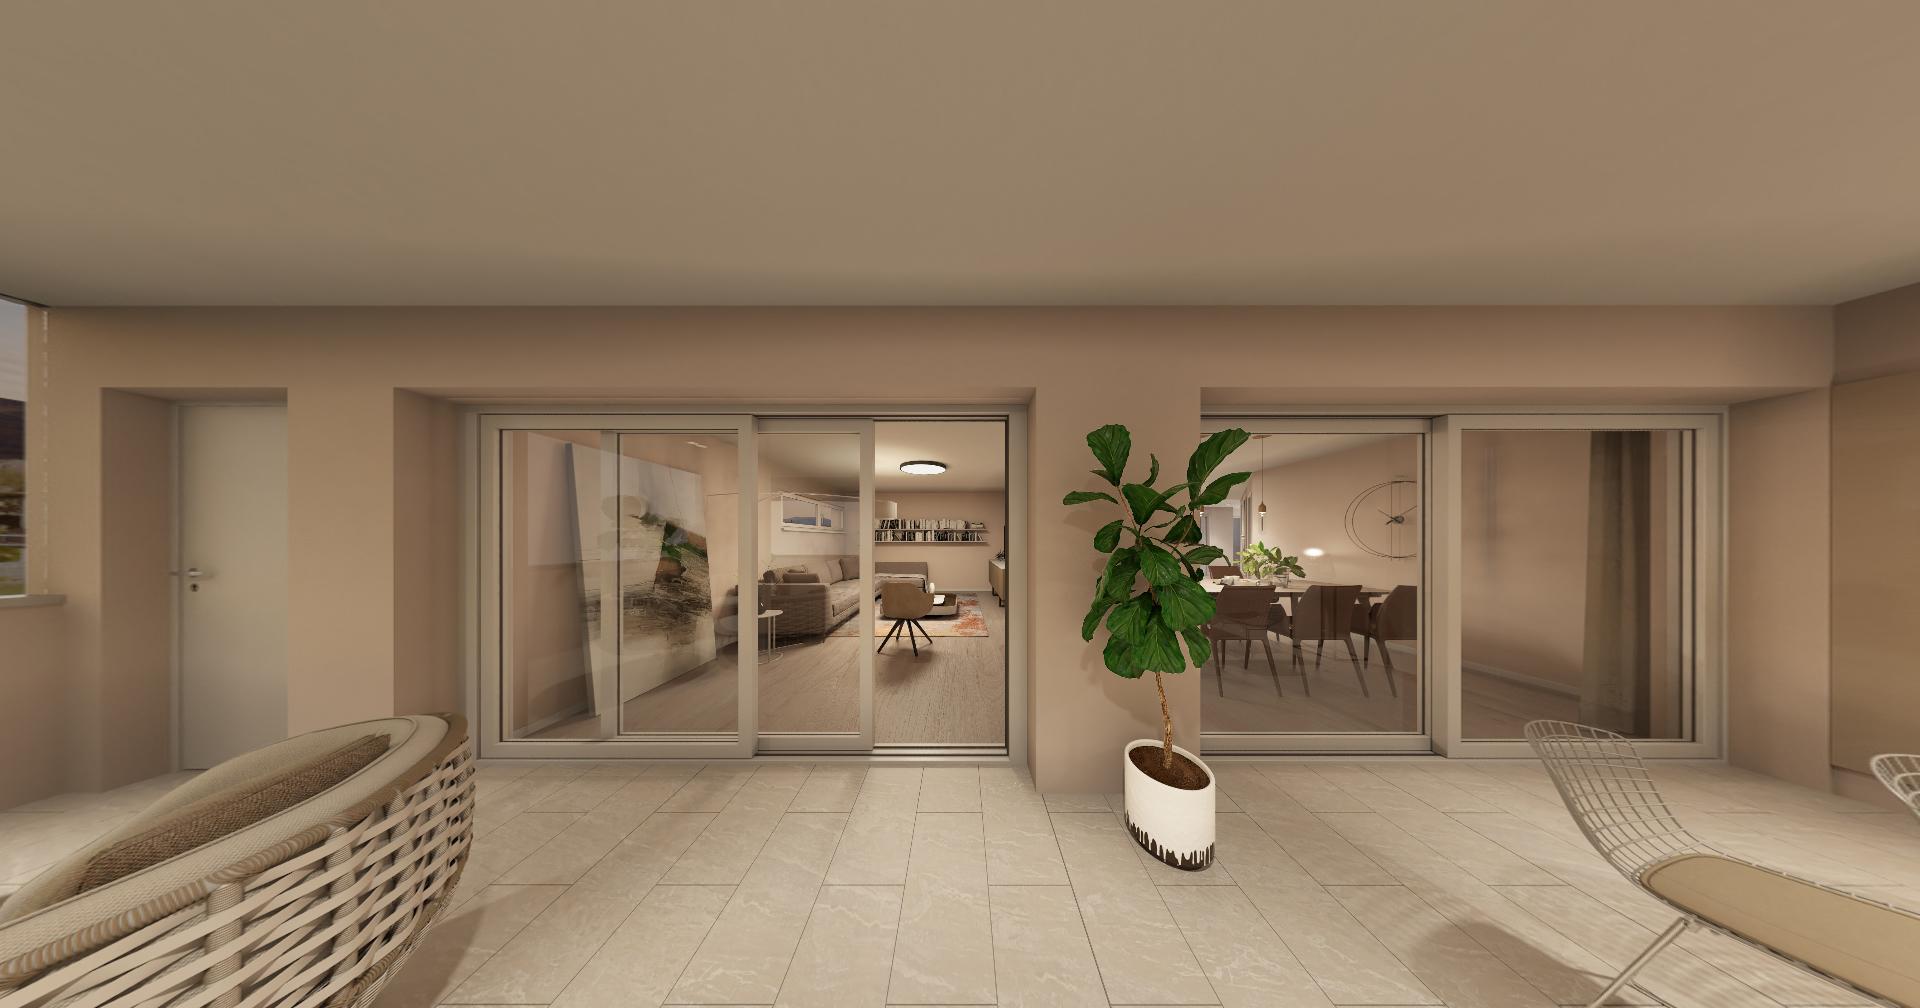 westfield_mehrfamilienhaus_haerkingen_balkon_4.5_zimmer_wohnung_1.jpg